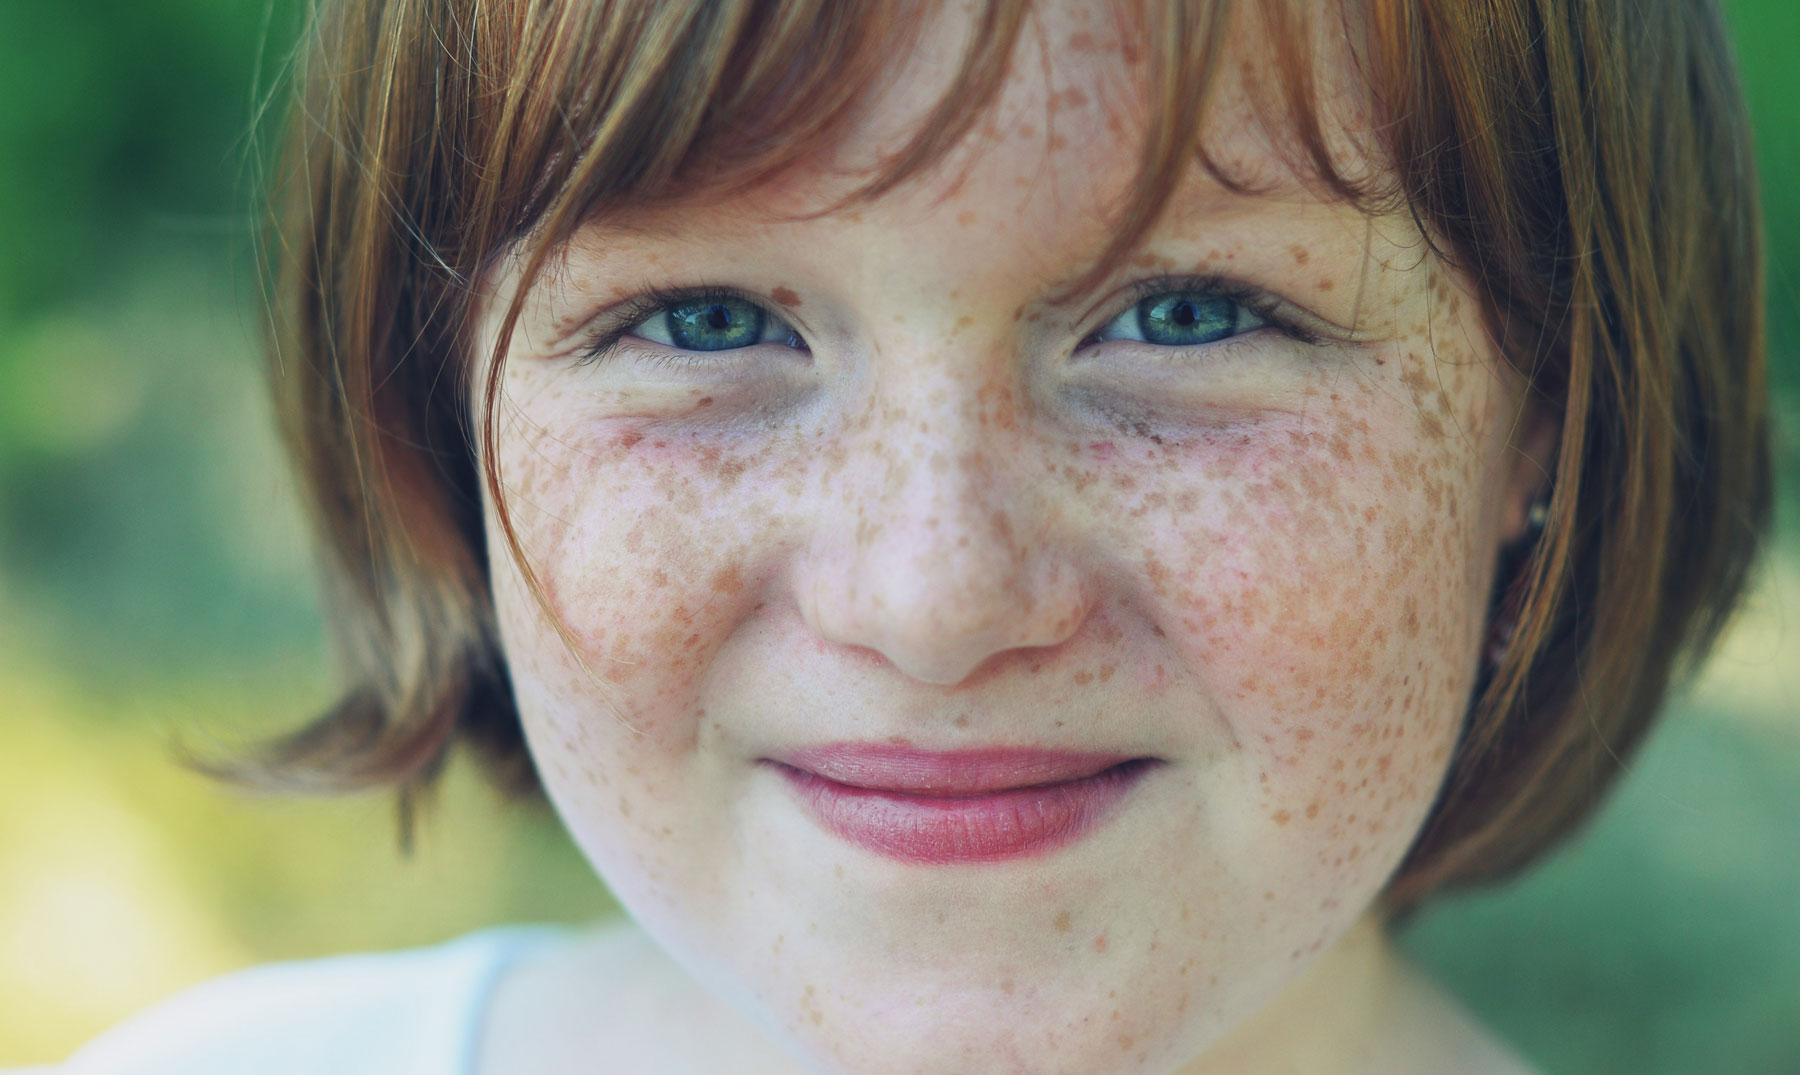 La tónica-peeling que blanquea para las caras las revocaciones